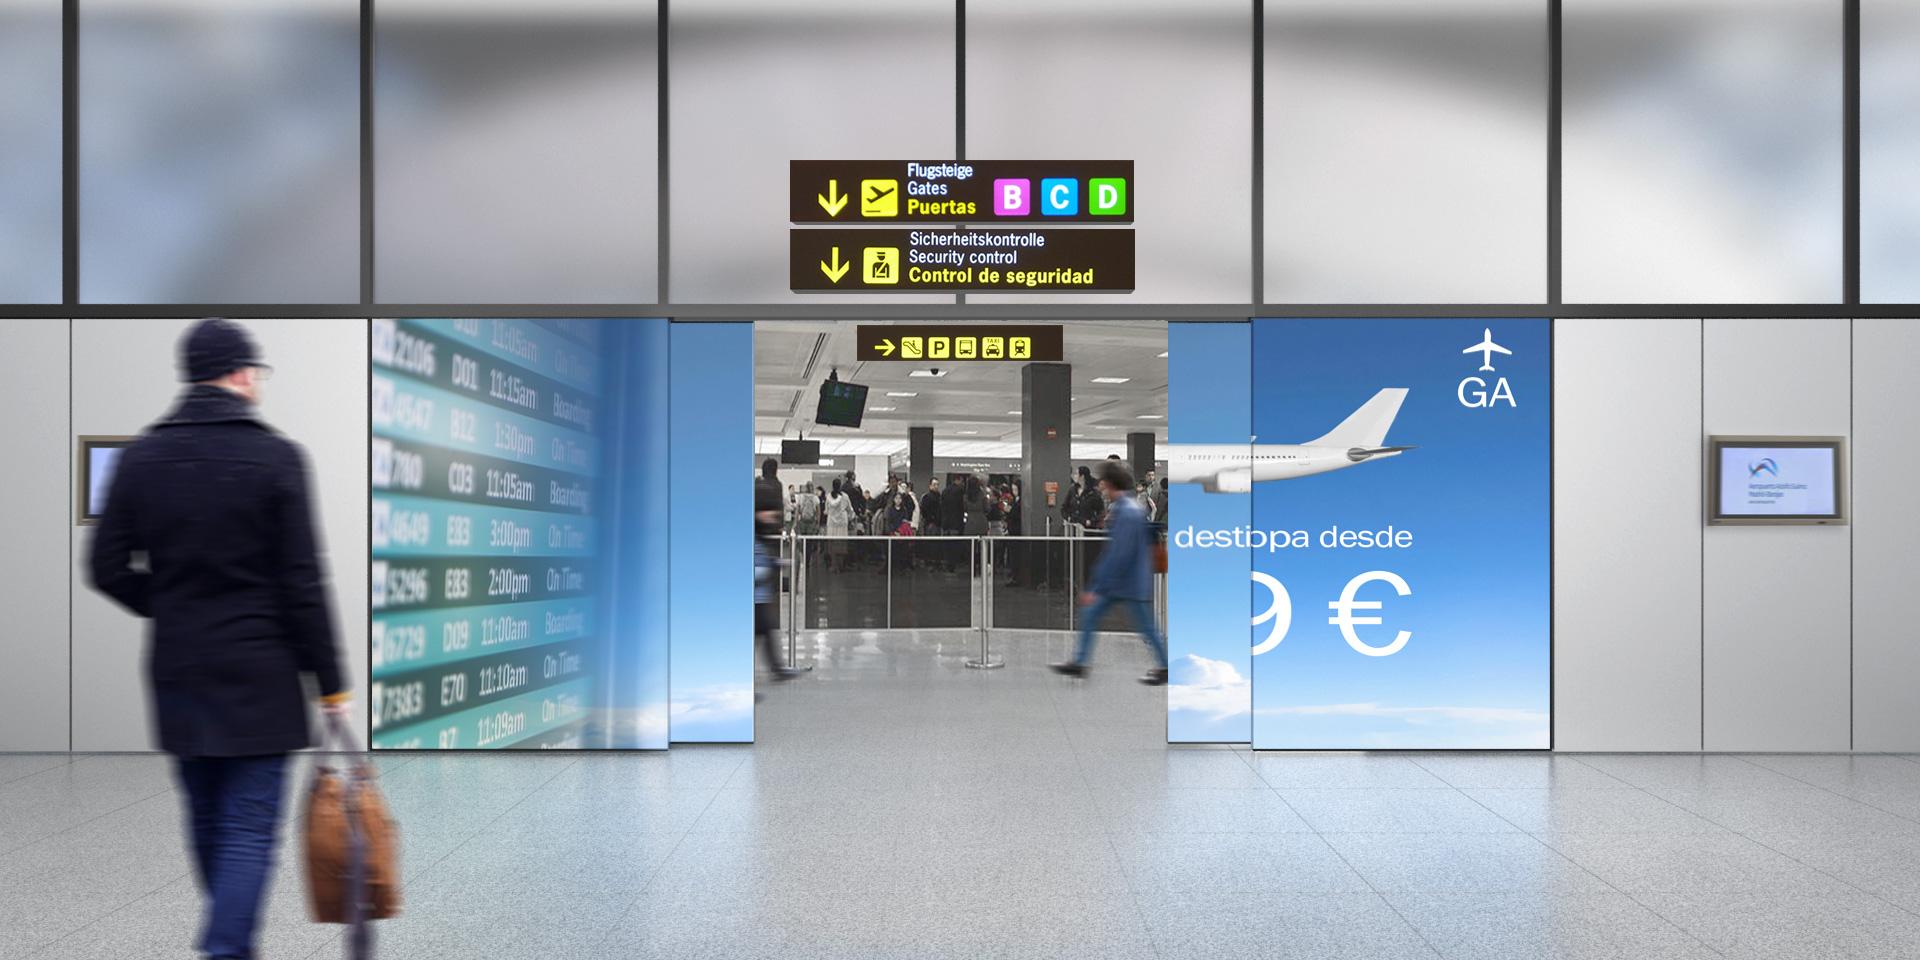 Zona de llegada de vuelos con fachada interactiva abierta